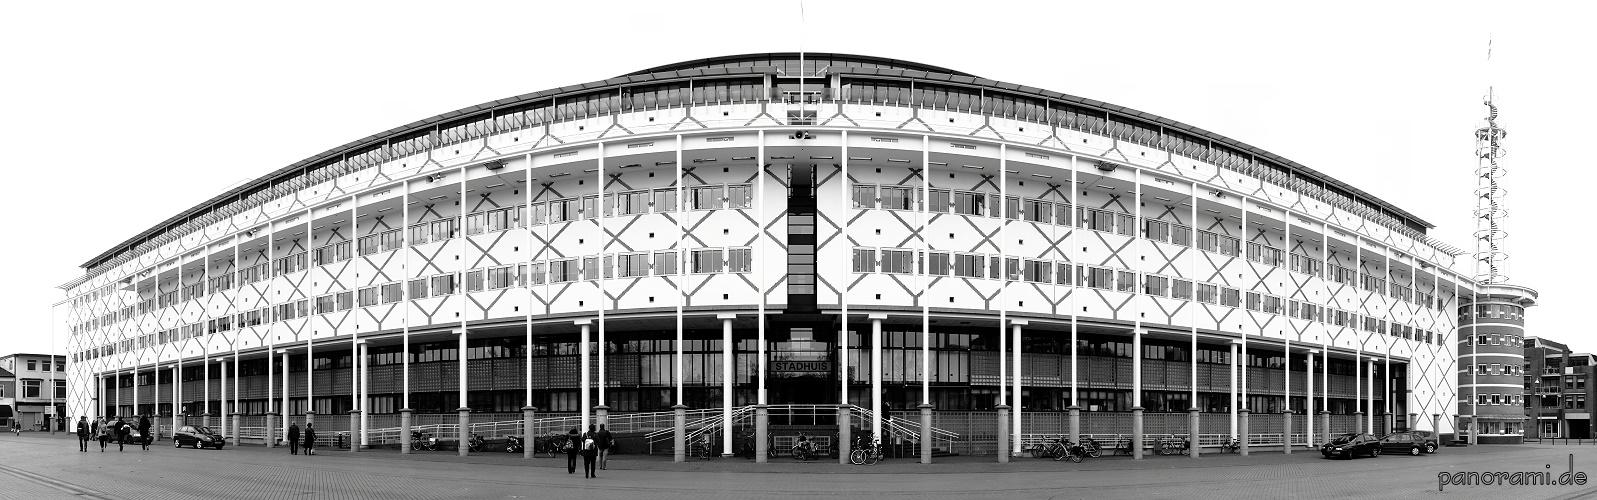 Rathaus in Apeldoorn (NL)